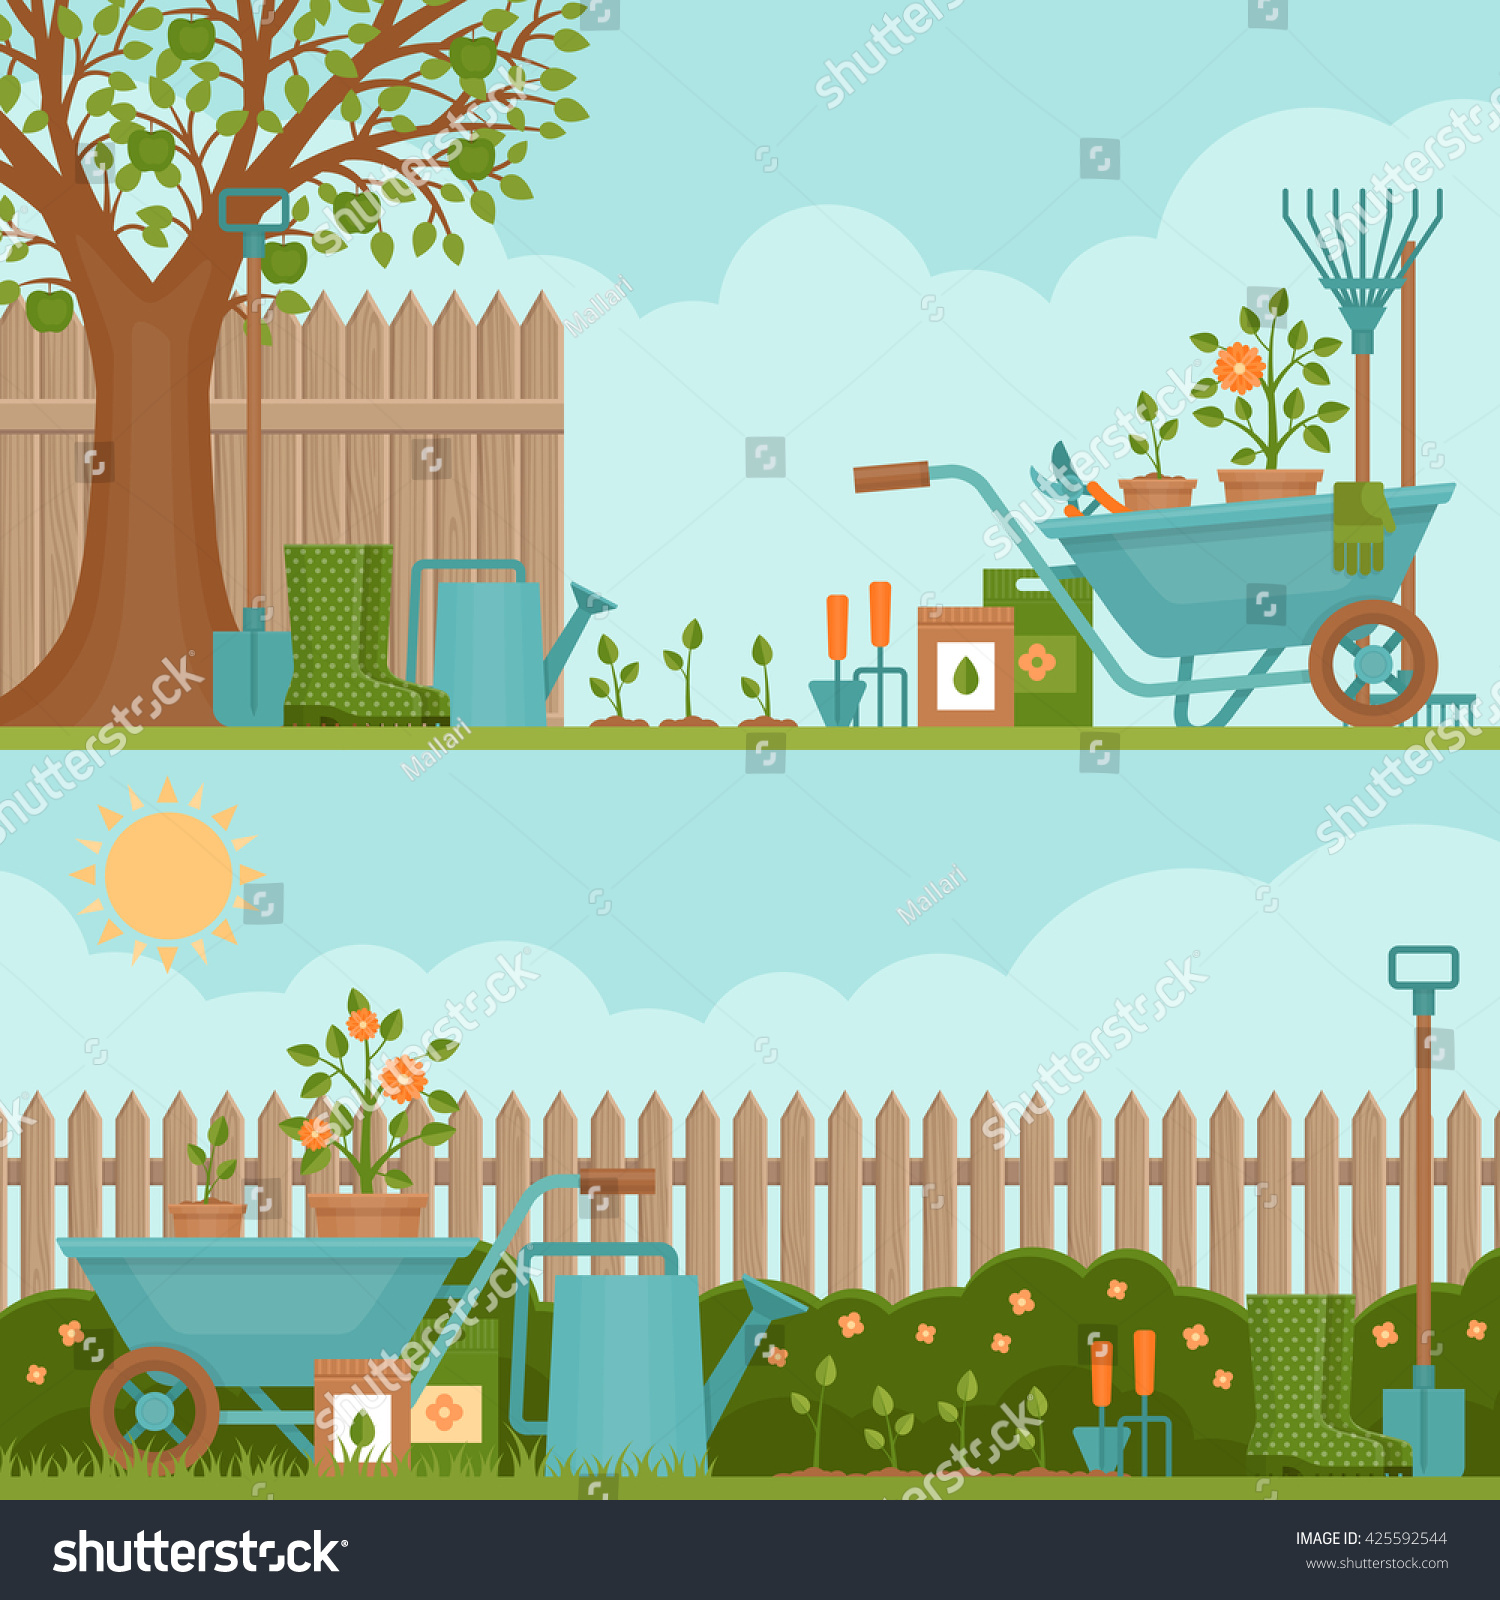 Les Outils De Jardinage Avec Photos image vectorielle de stock de concept de jardinage. outils